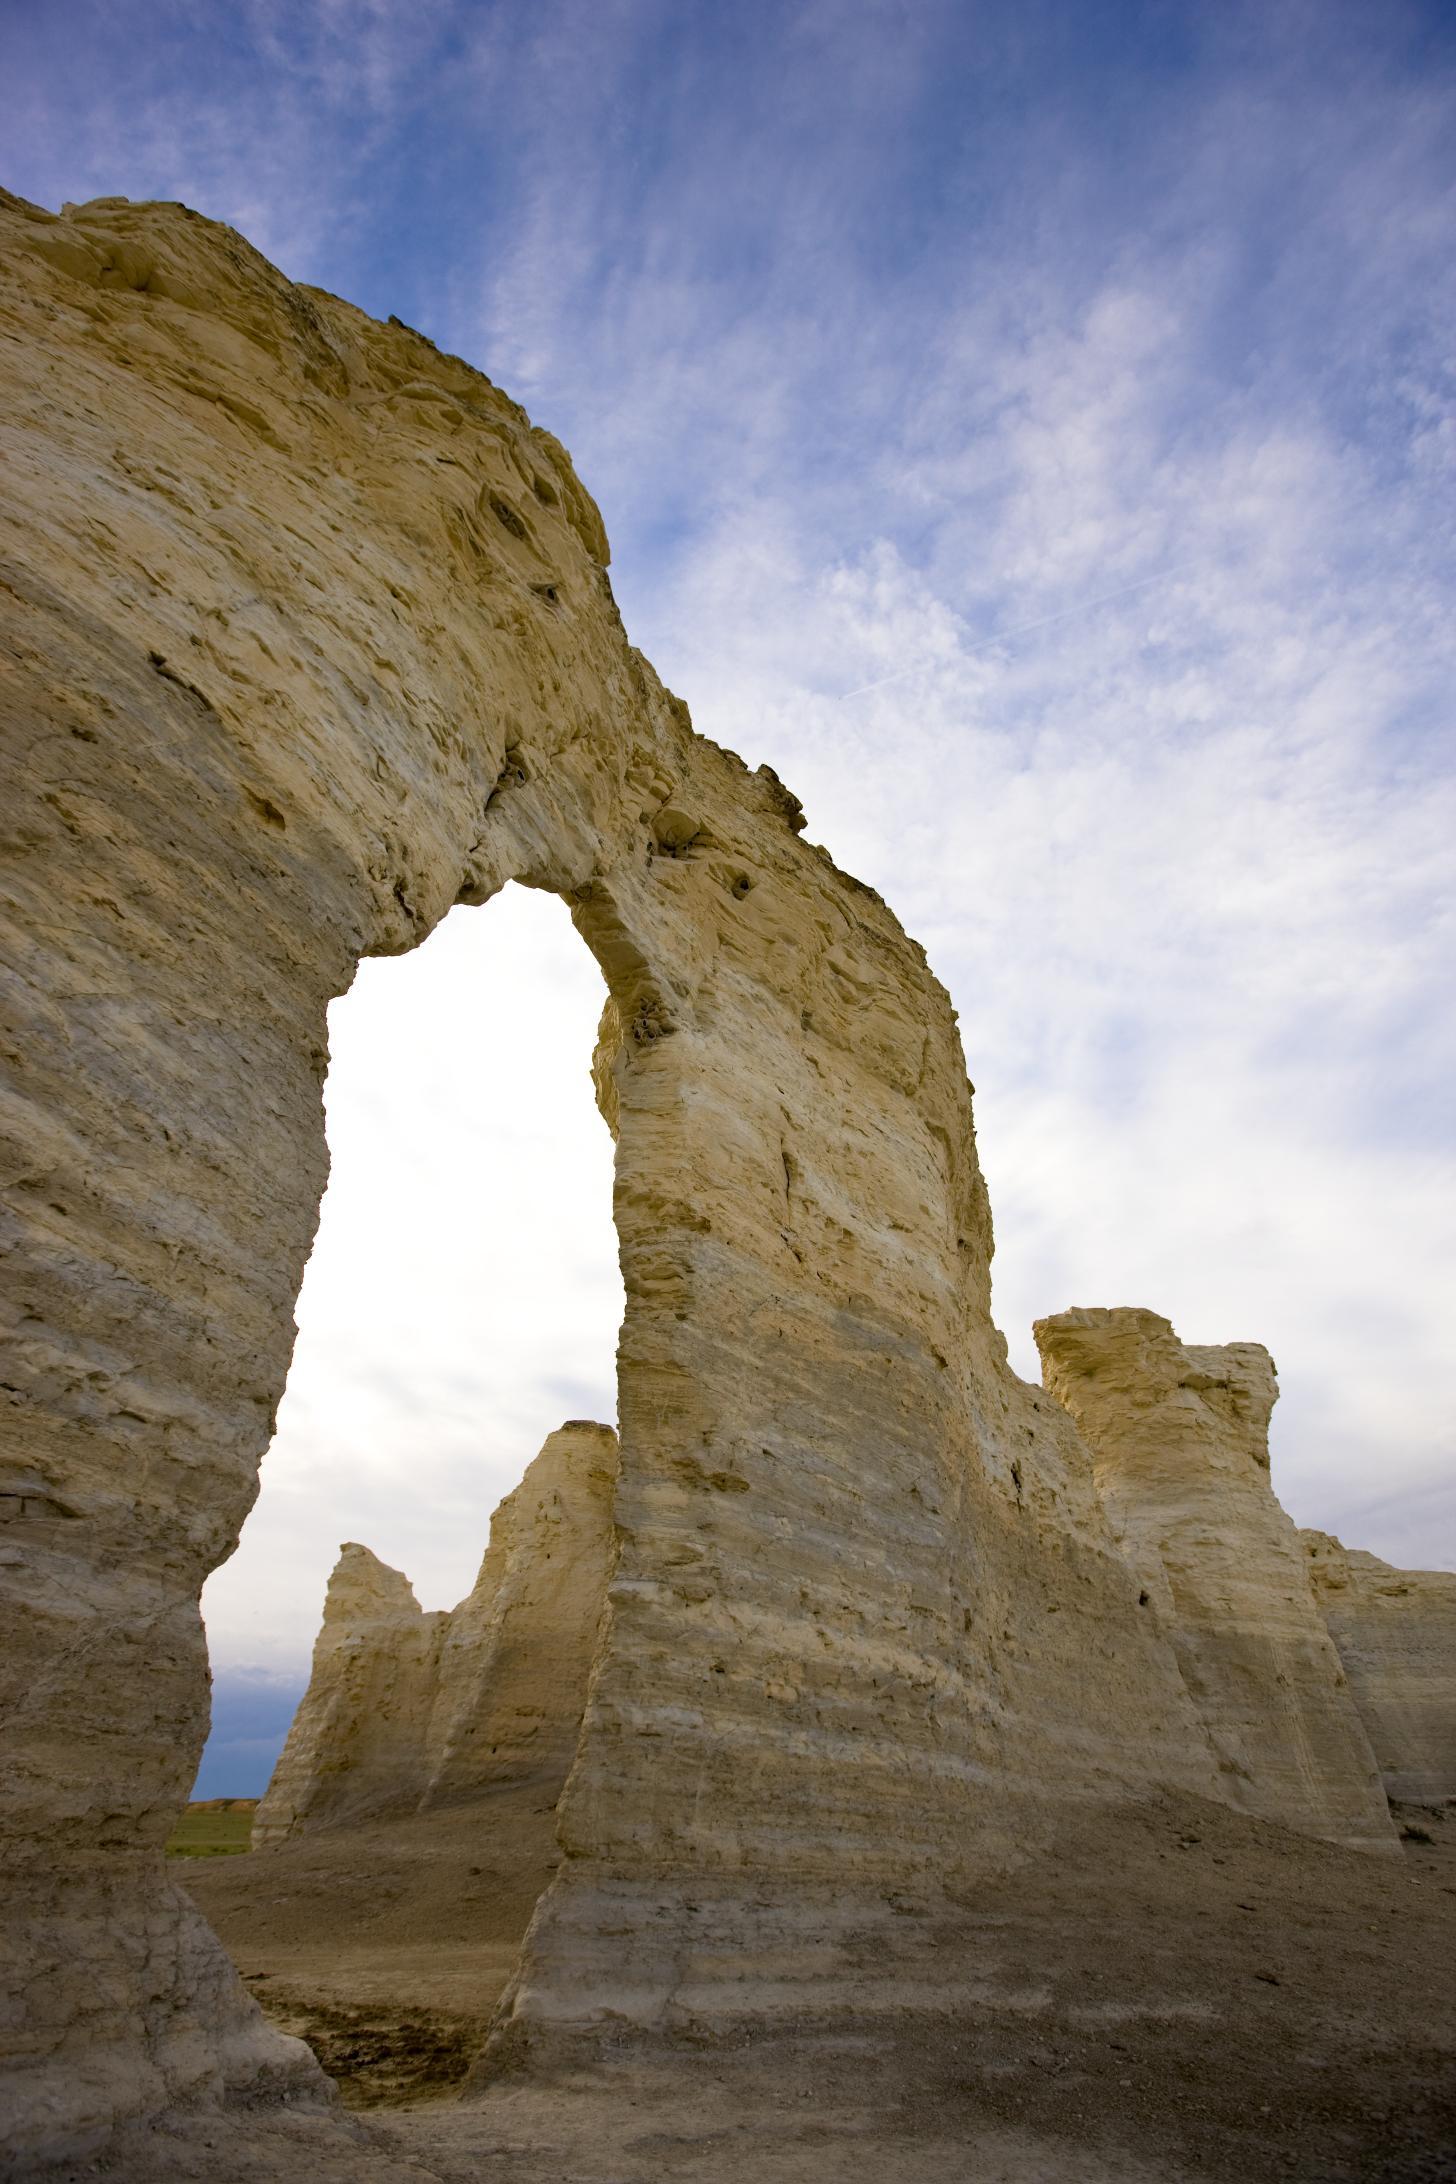 Kansas' cliffs